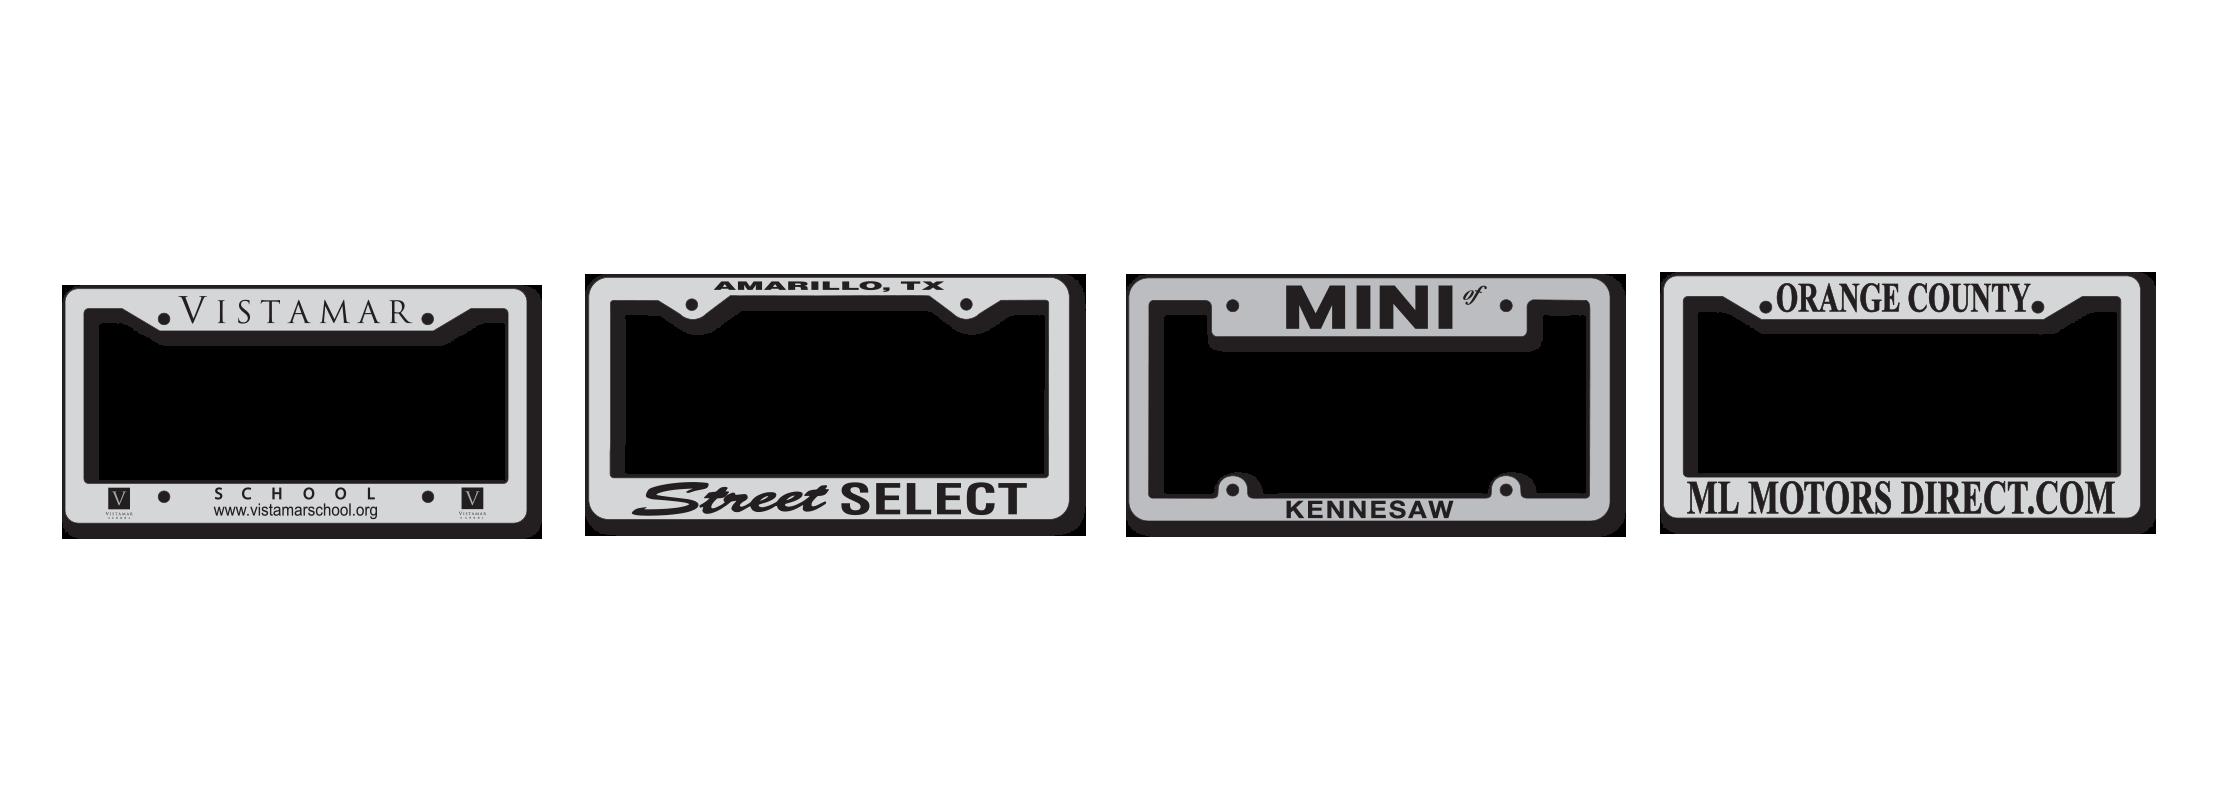 Chrome Plated Metal License Plate Frames Raised Letter (MFR) | MSL ...